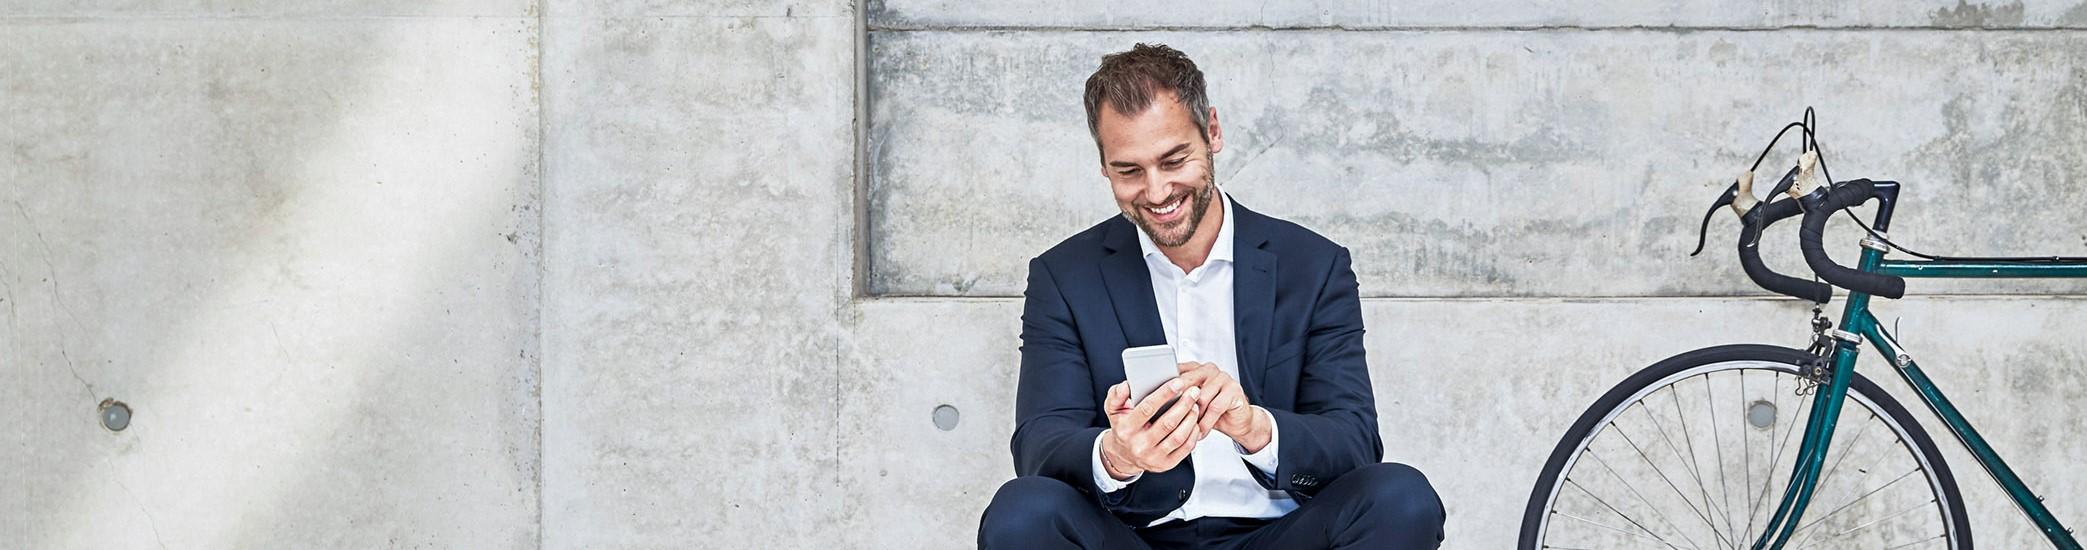 Téléphonie cloud: comment choisir le bon partenaire?